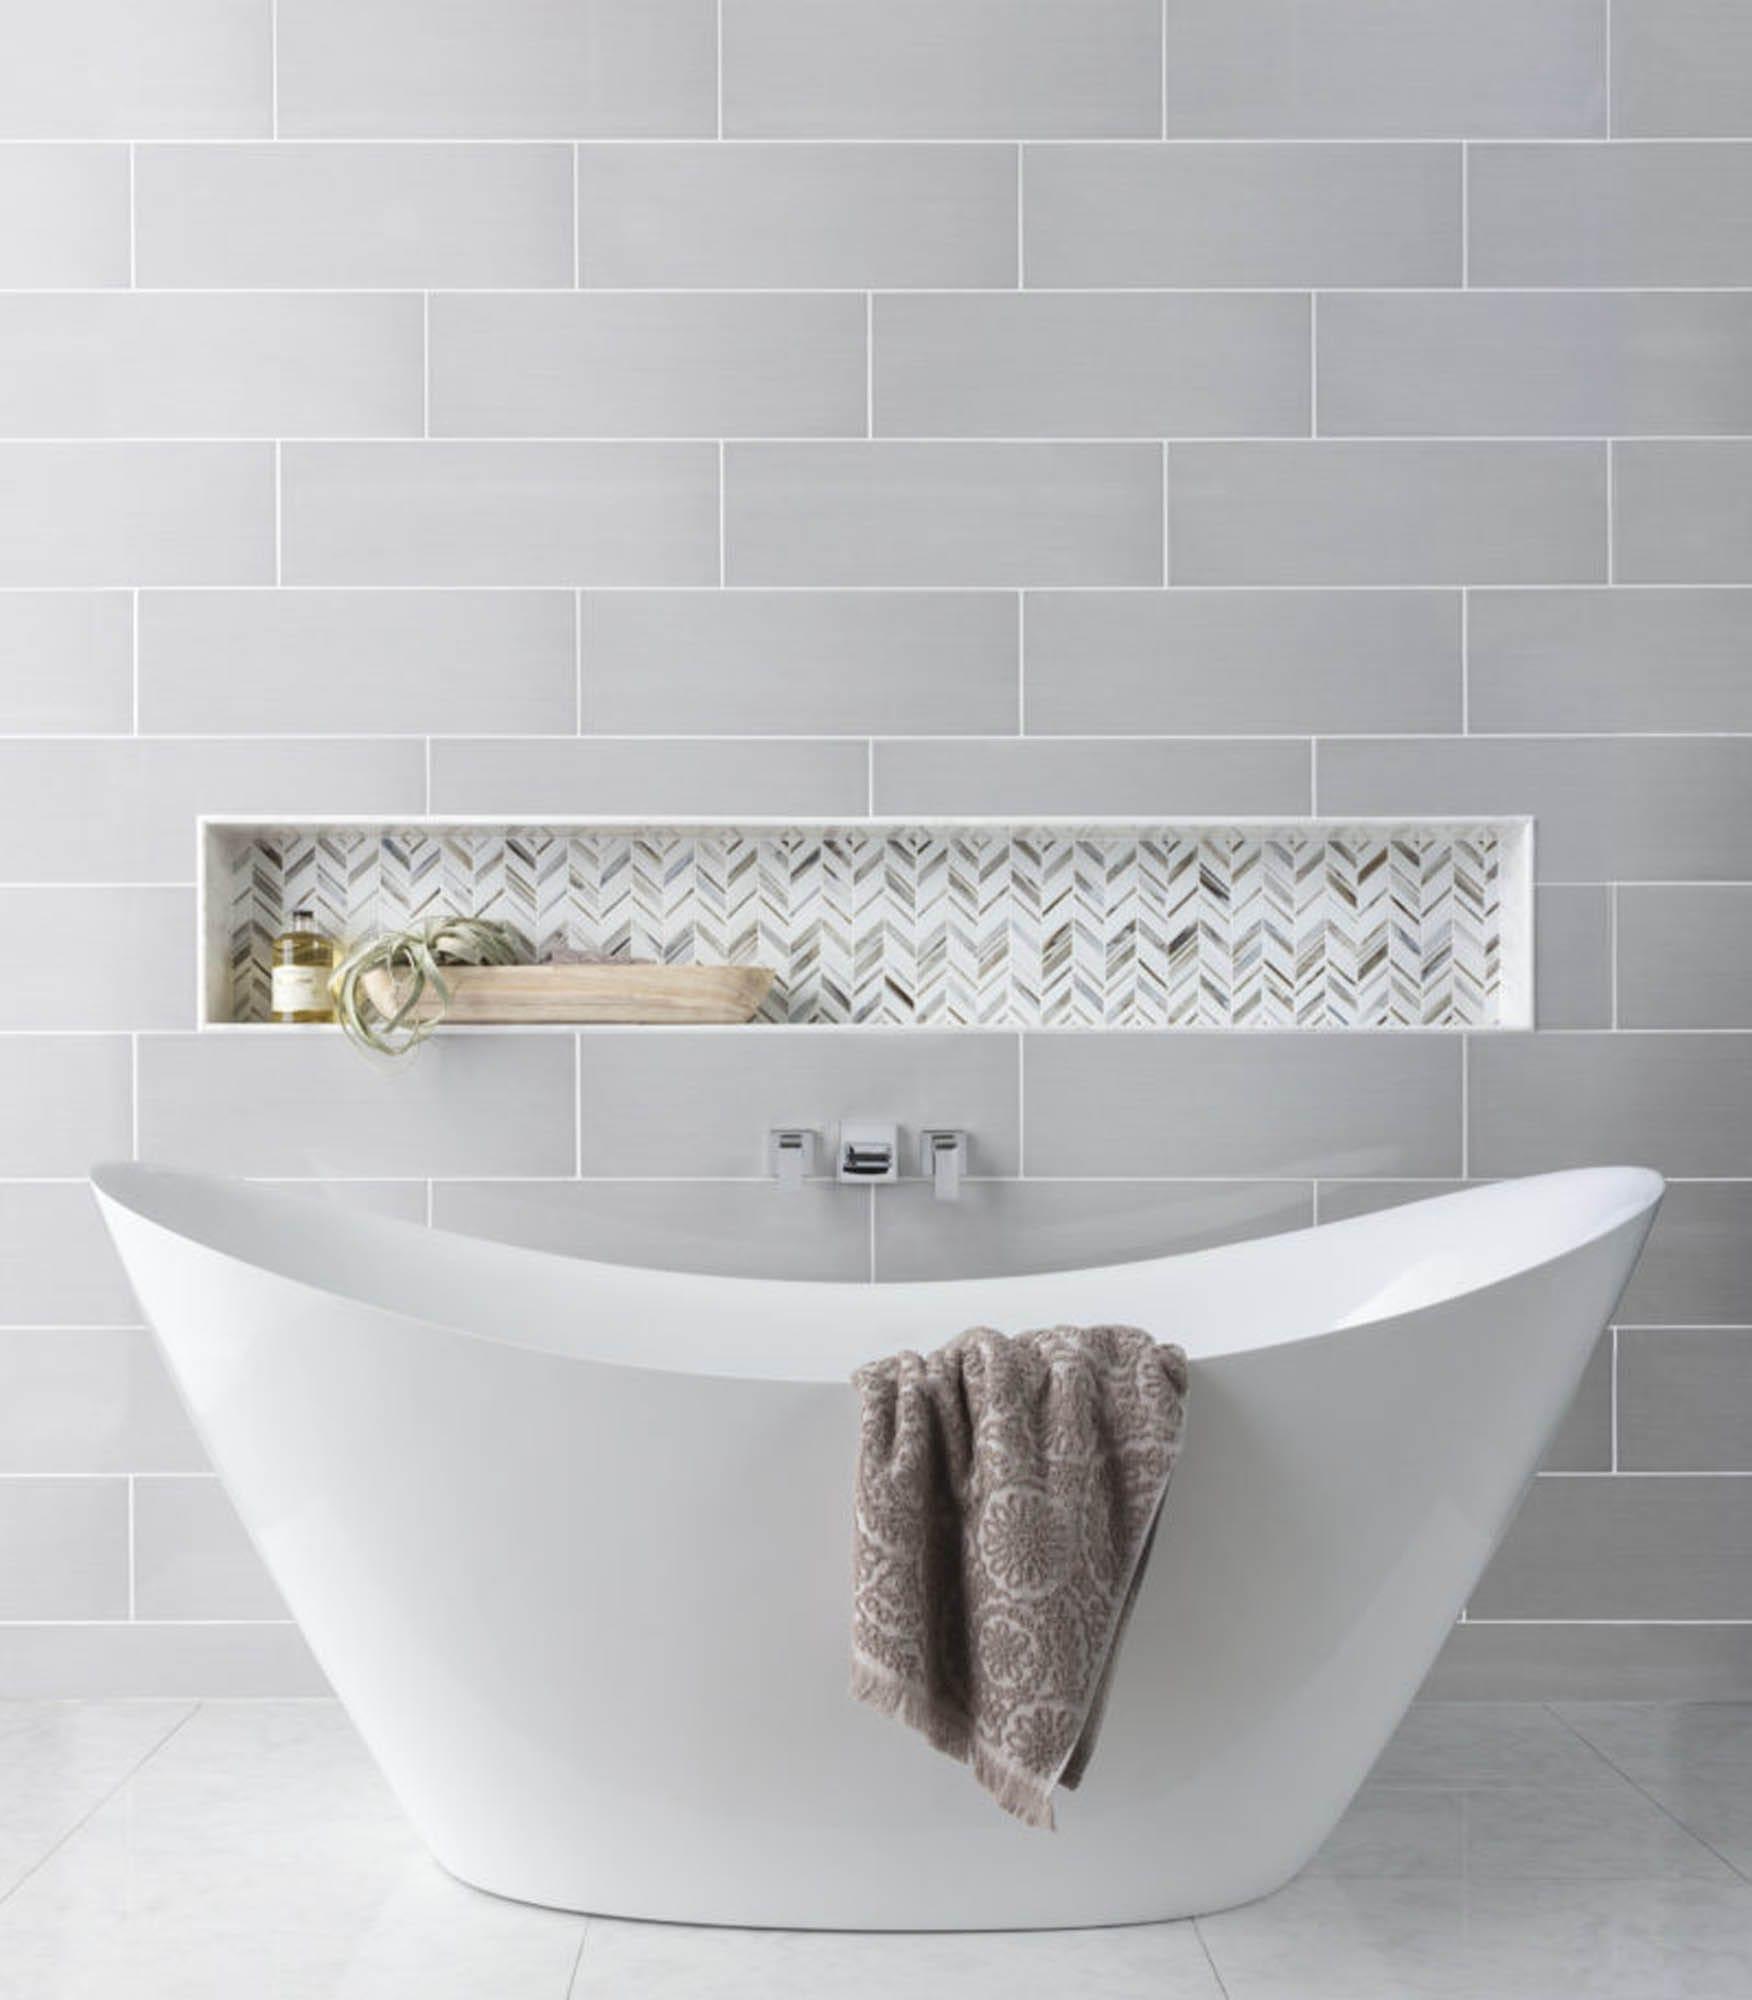 Elegant sculptural tub